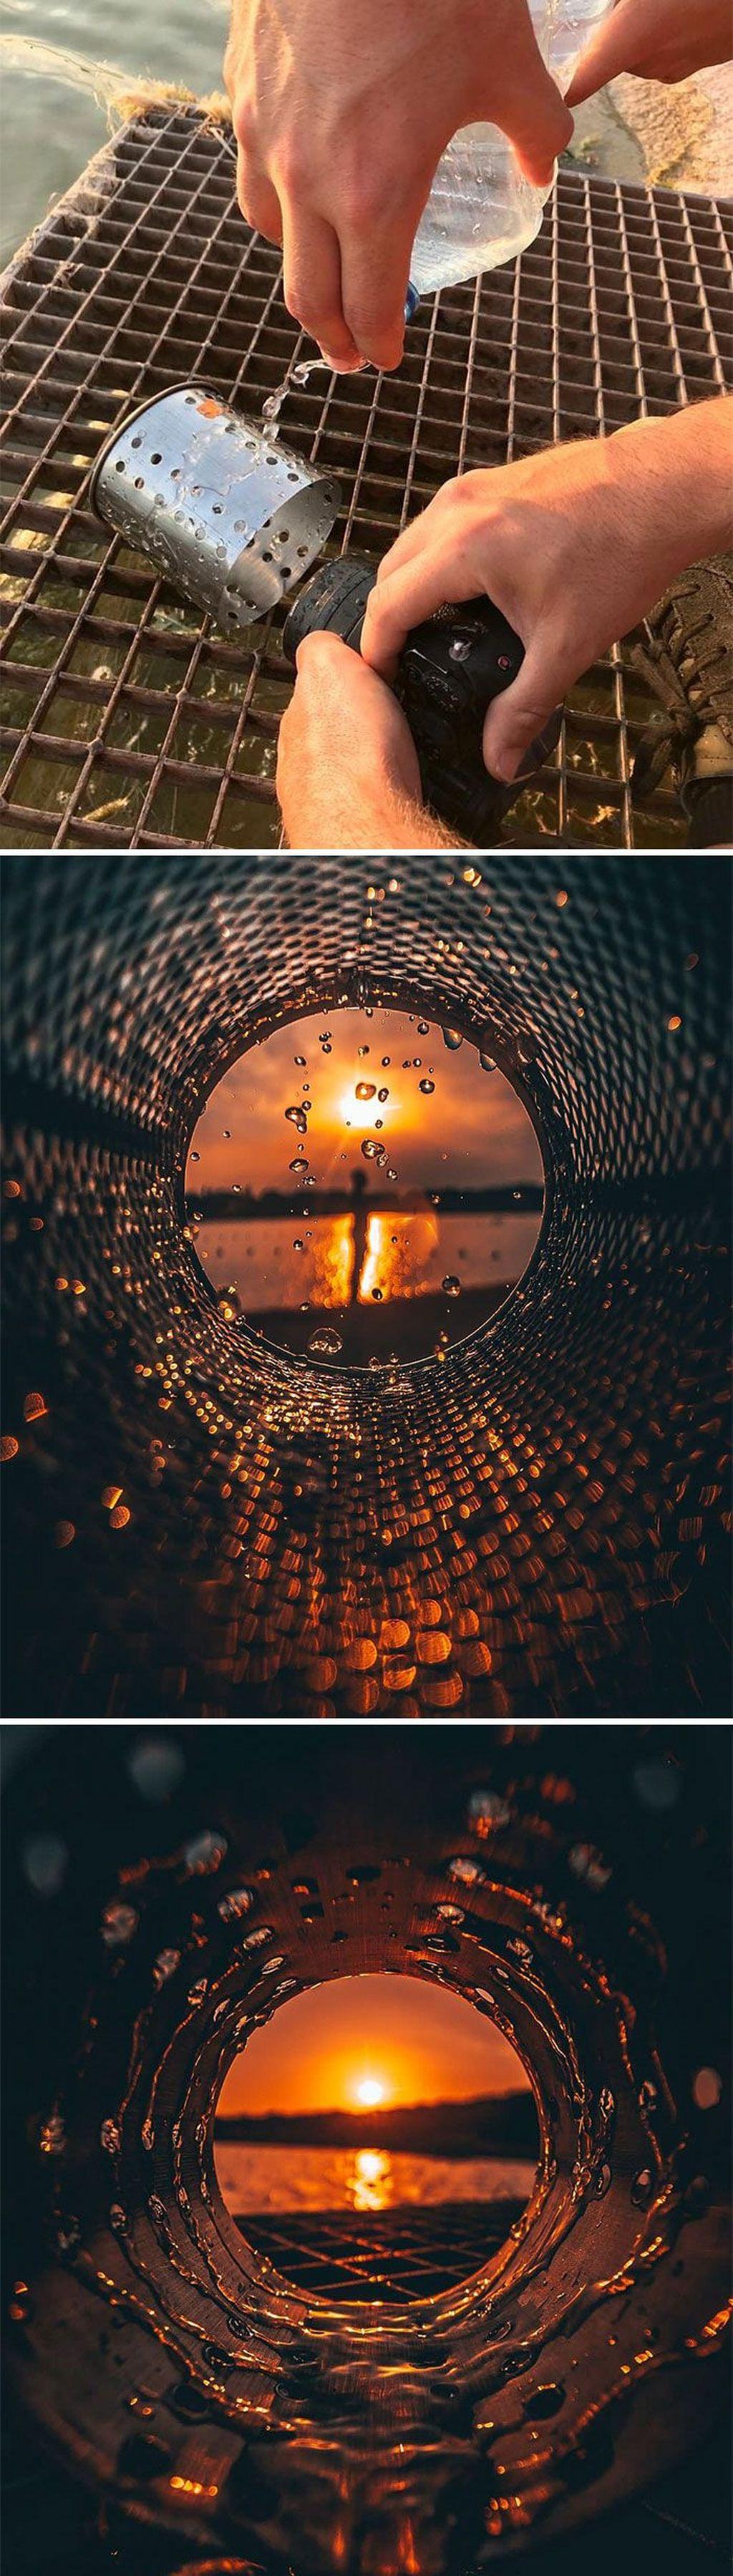 Pakai peralatan dapur. Foto: instagram.com/jordi.koalitic